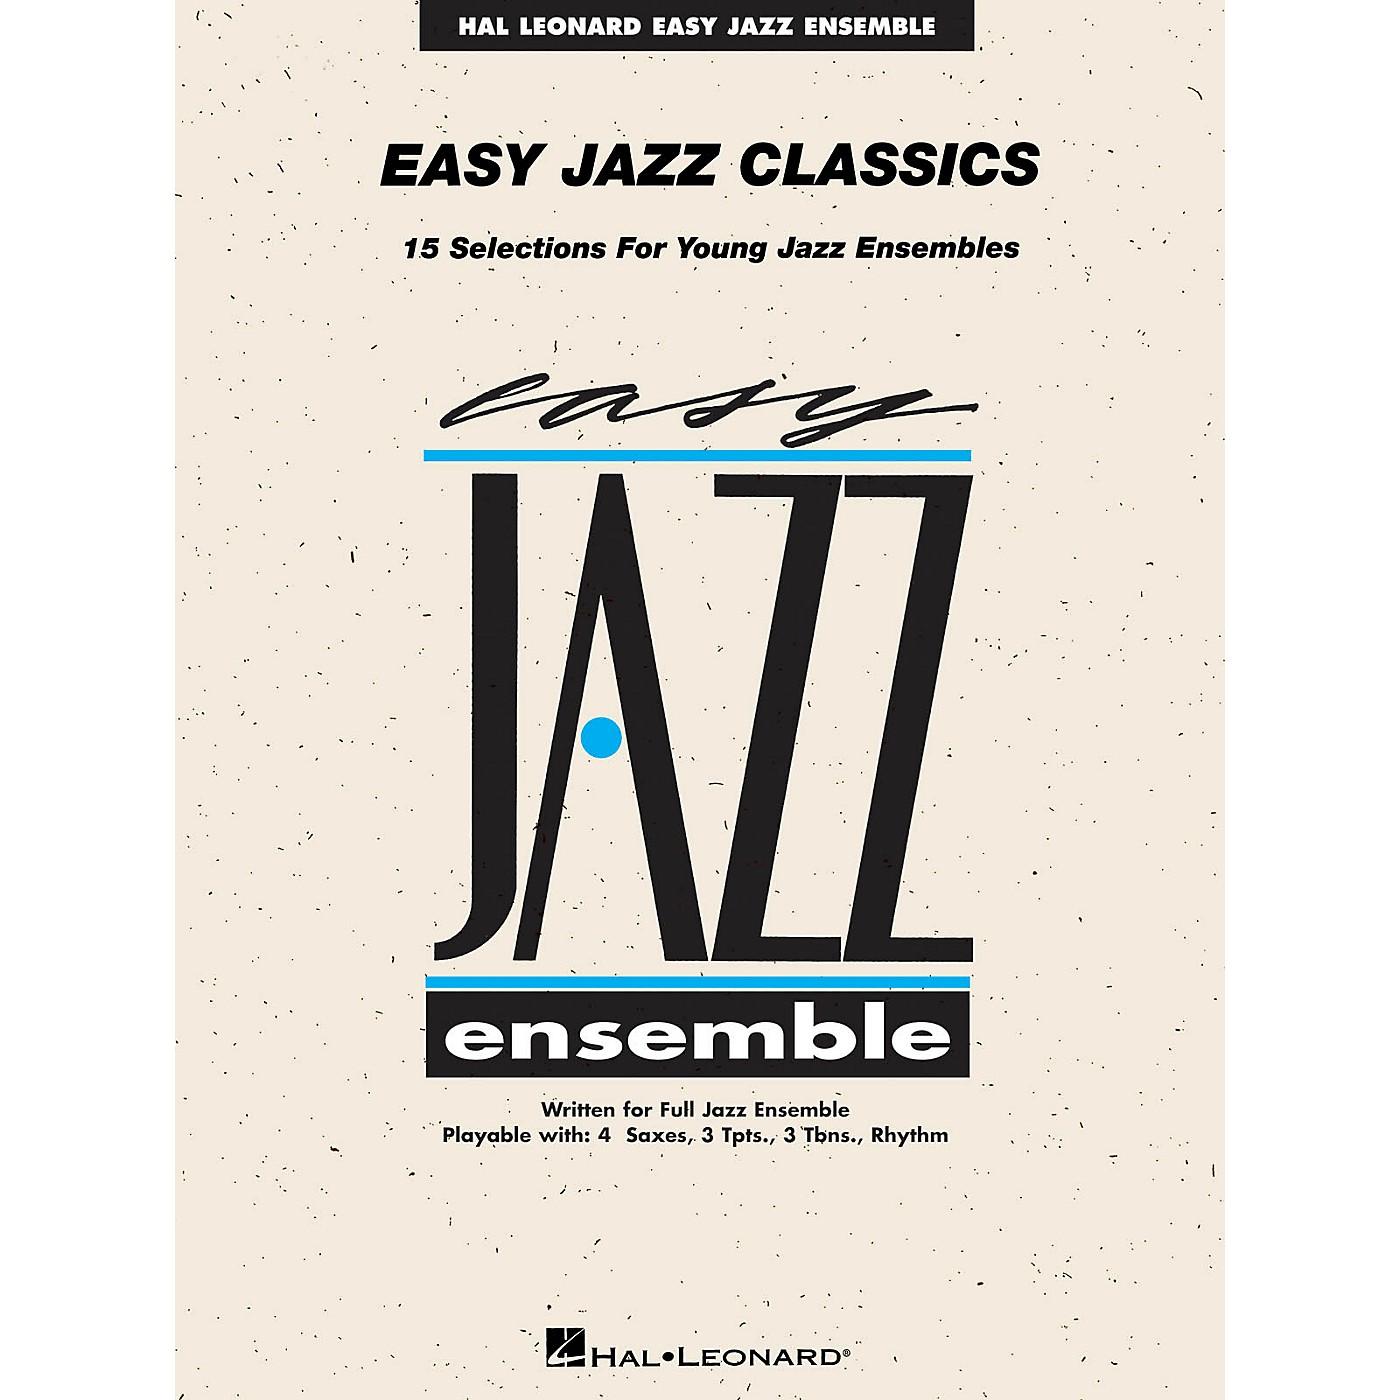 Hal Leonard Easy Jazz Classics - Tenor Sax 1 Jazz Band Level 2 thumbnail